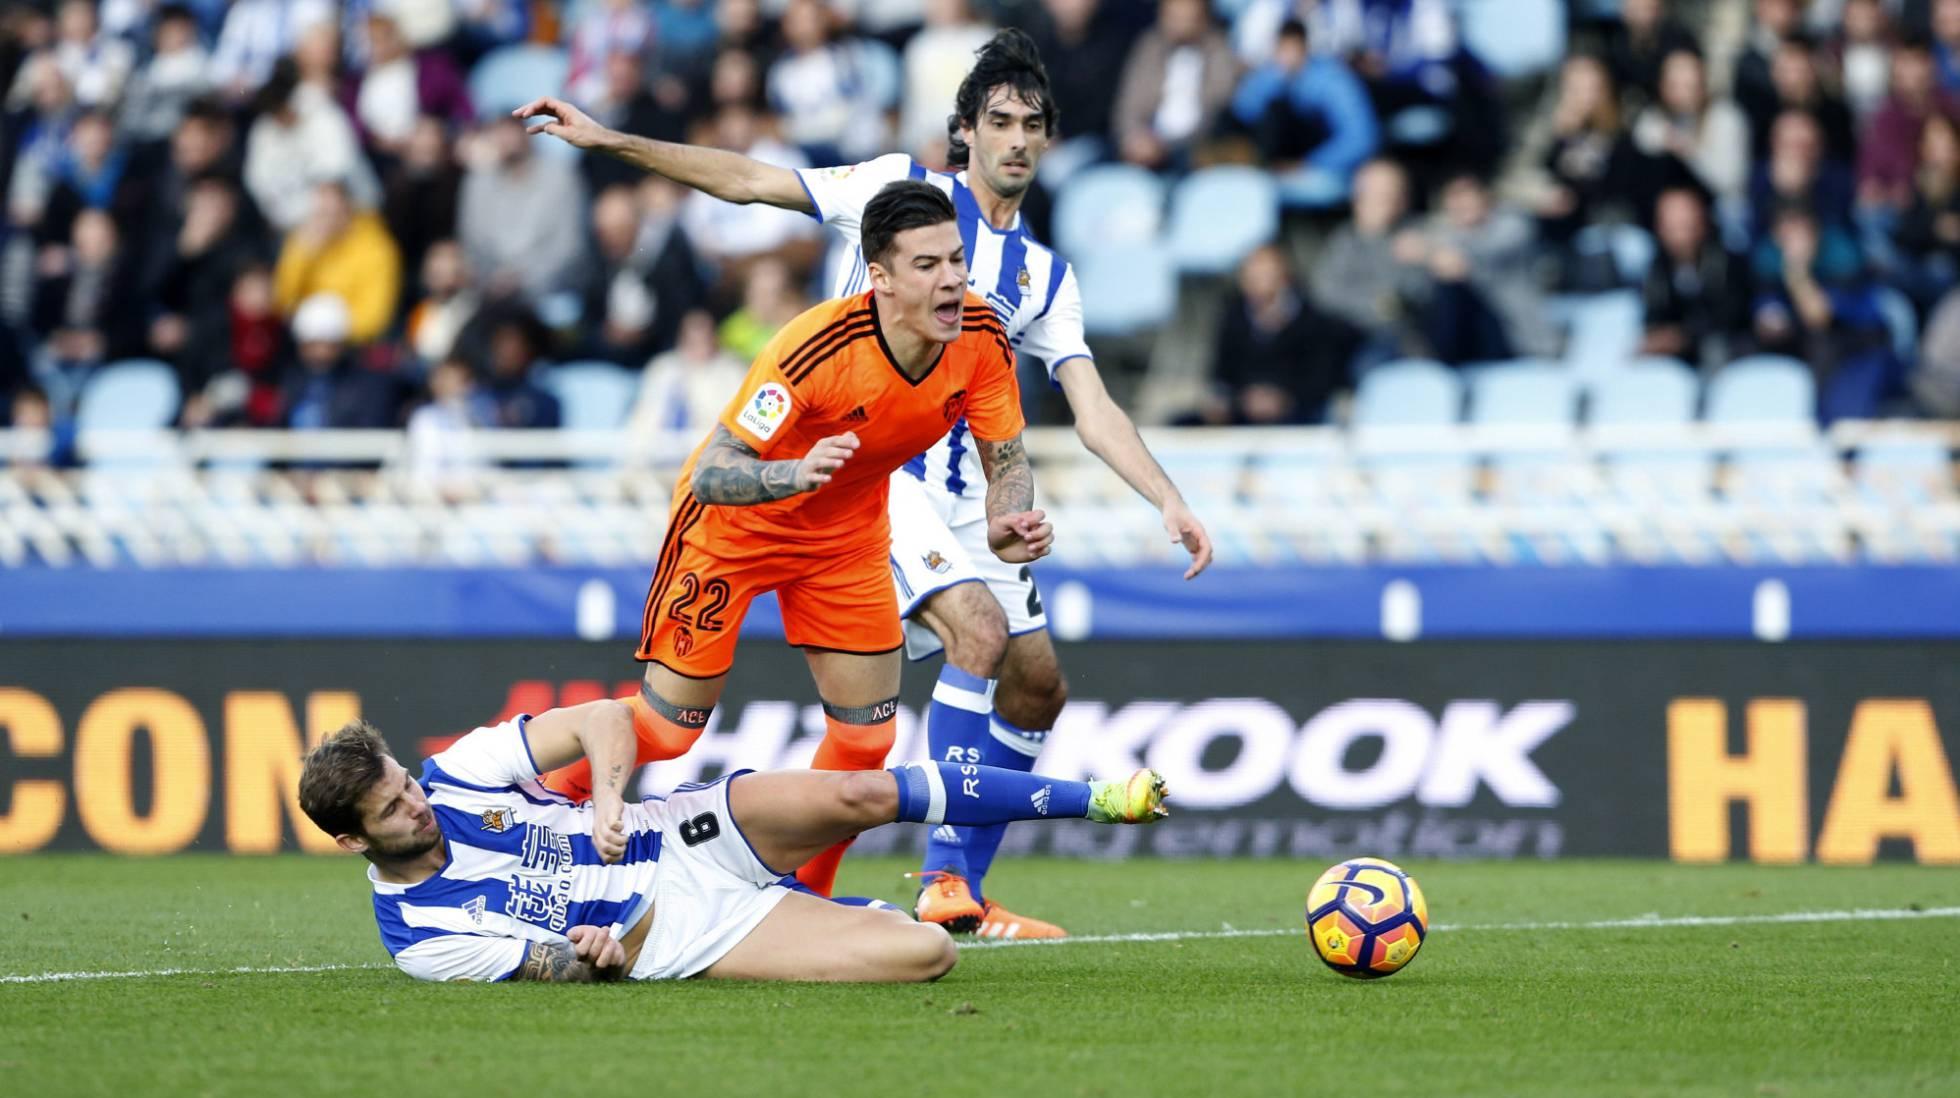 El delantero del Valencia CF Santi Mina, denunciado por agresión sexual